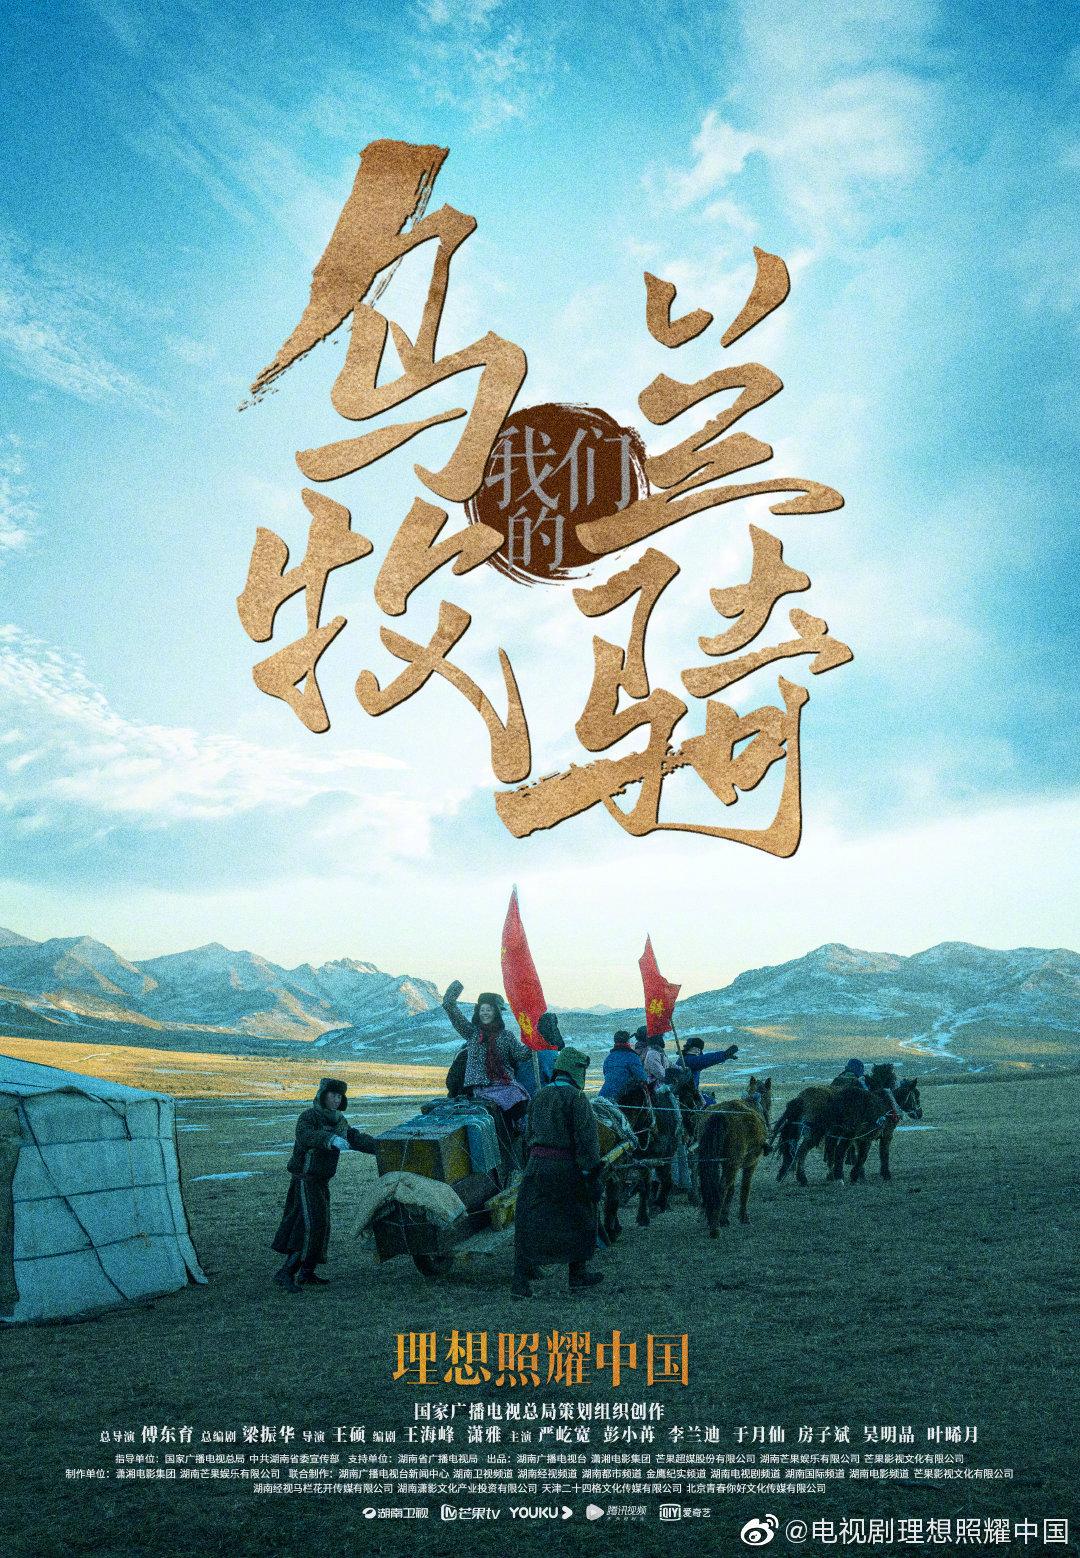 """湖南卫视 """"我们乌兰牧骑就是要服务好每一个牧民的"""" 载歌纵舞……"""